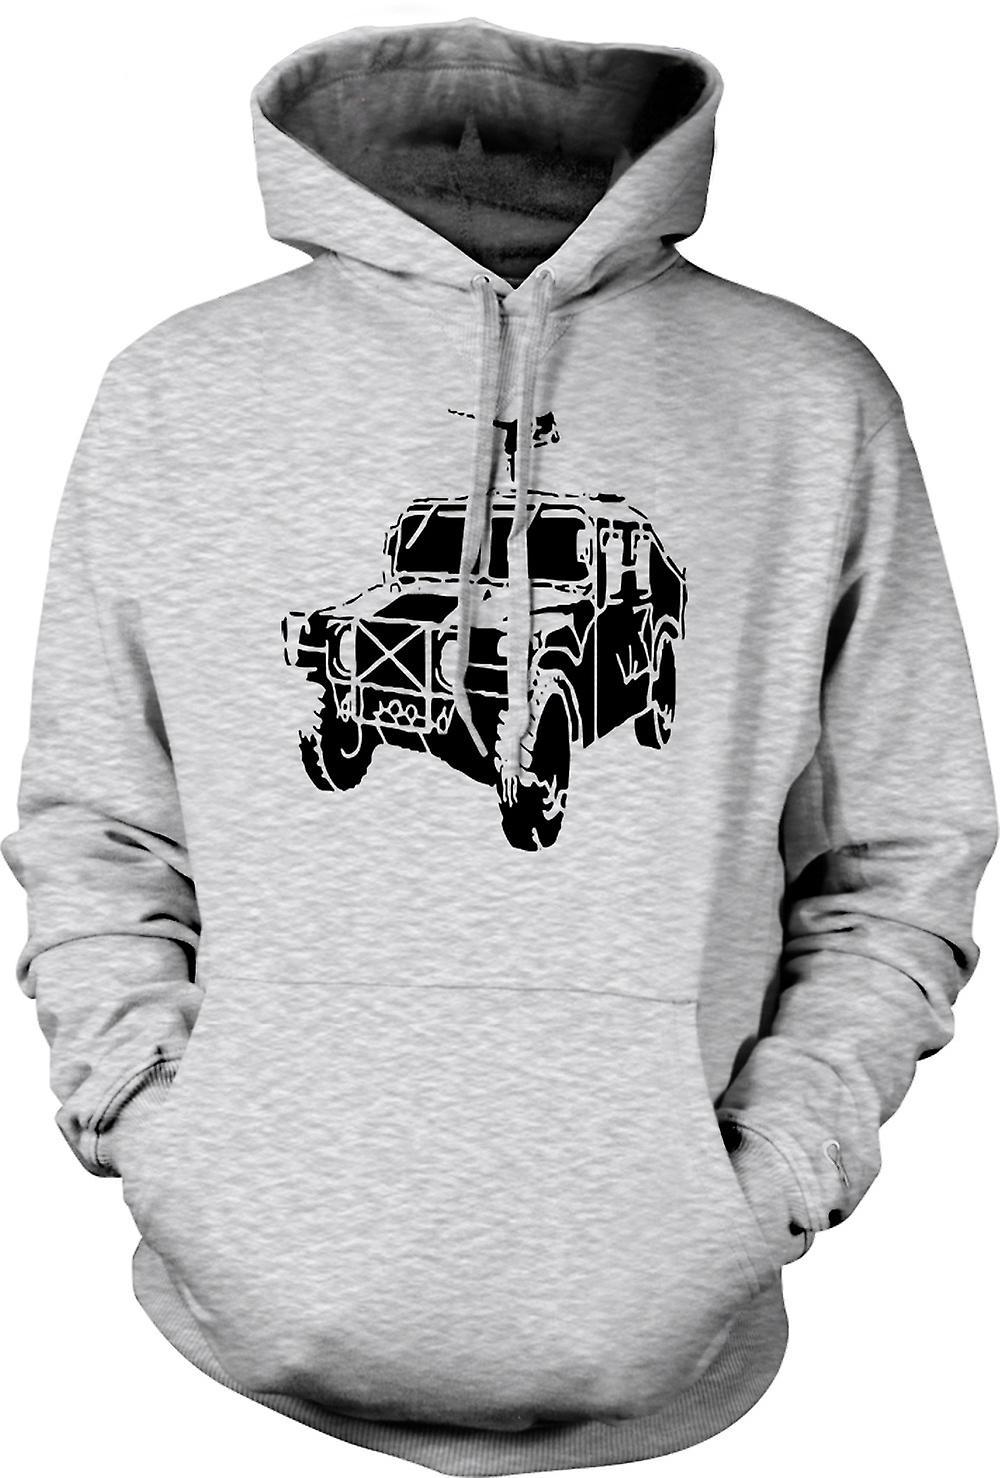 Para hombre con capucha - Humvee del ejército de Estados Unidos 50 Cal - militar